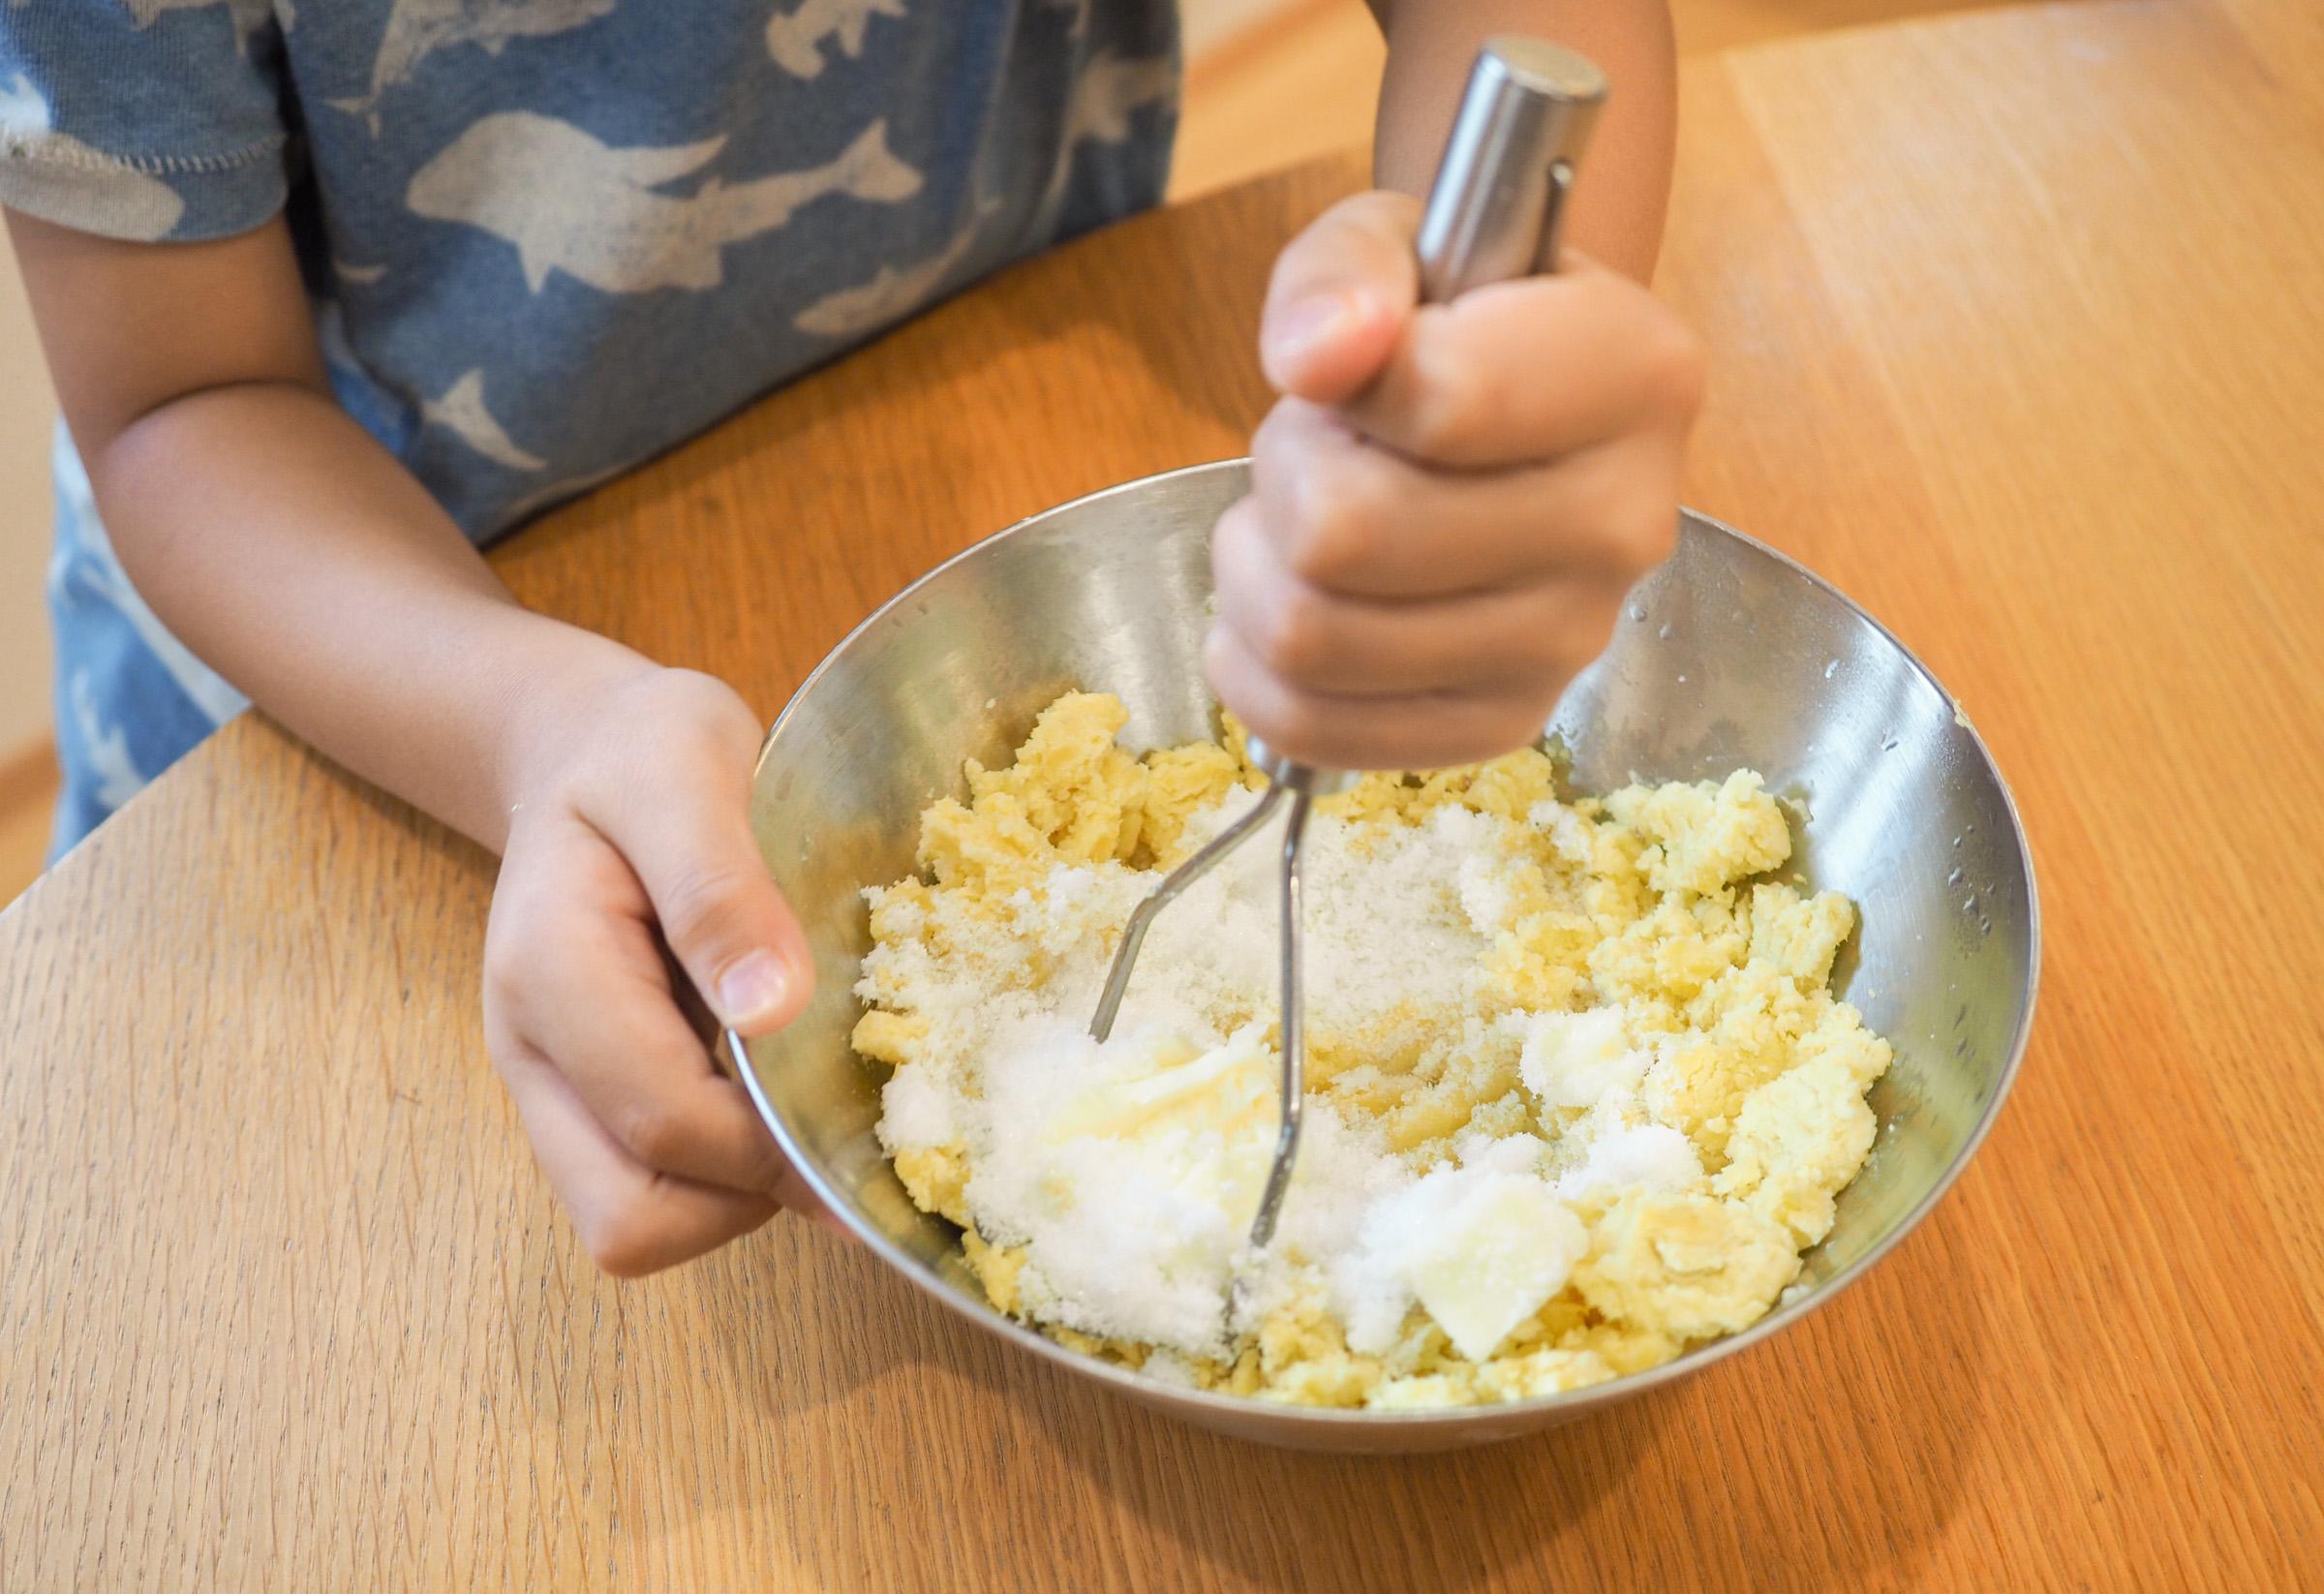 バターと砂糖を入れ、さらに潰しながら混ぜます。